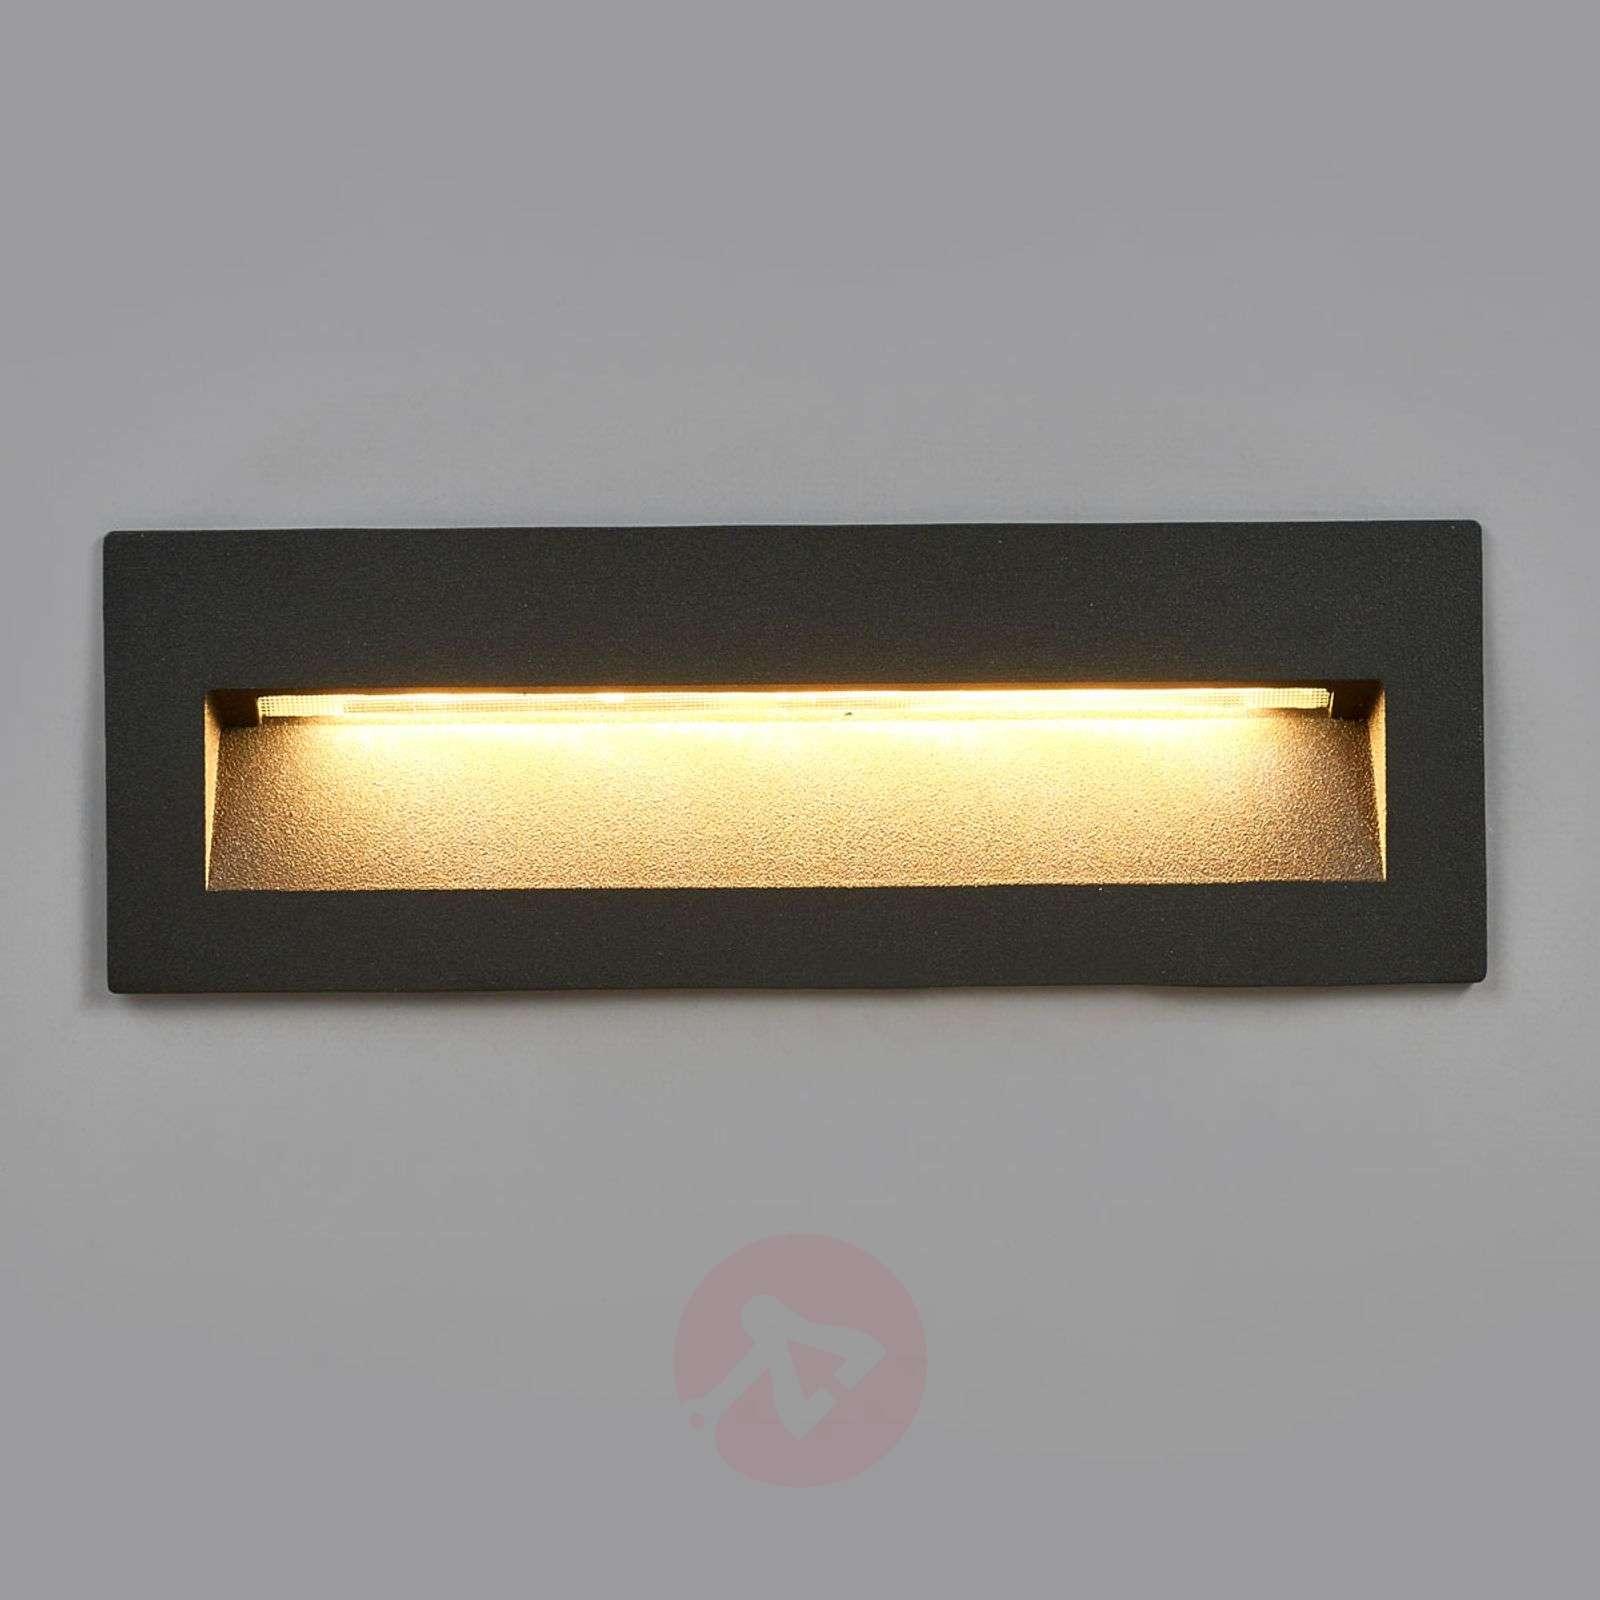 Tumma LED-uppovalaisin Loya, ulkoseinäasennus-9969039-02